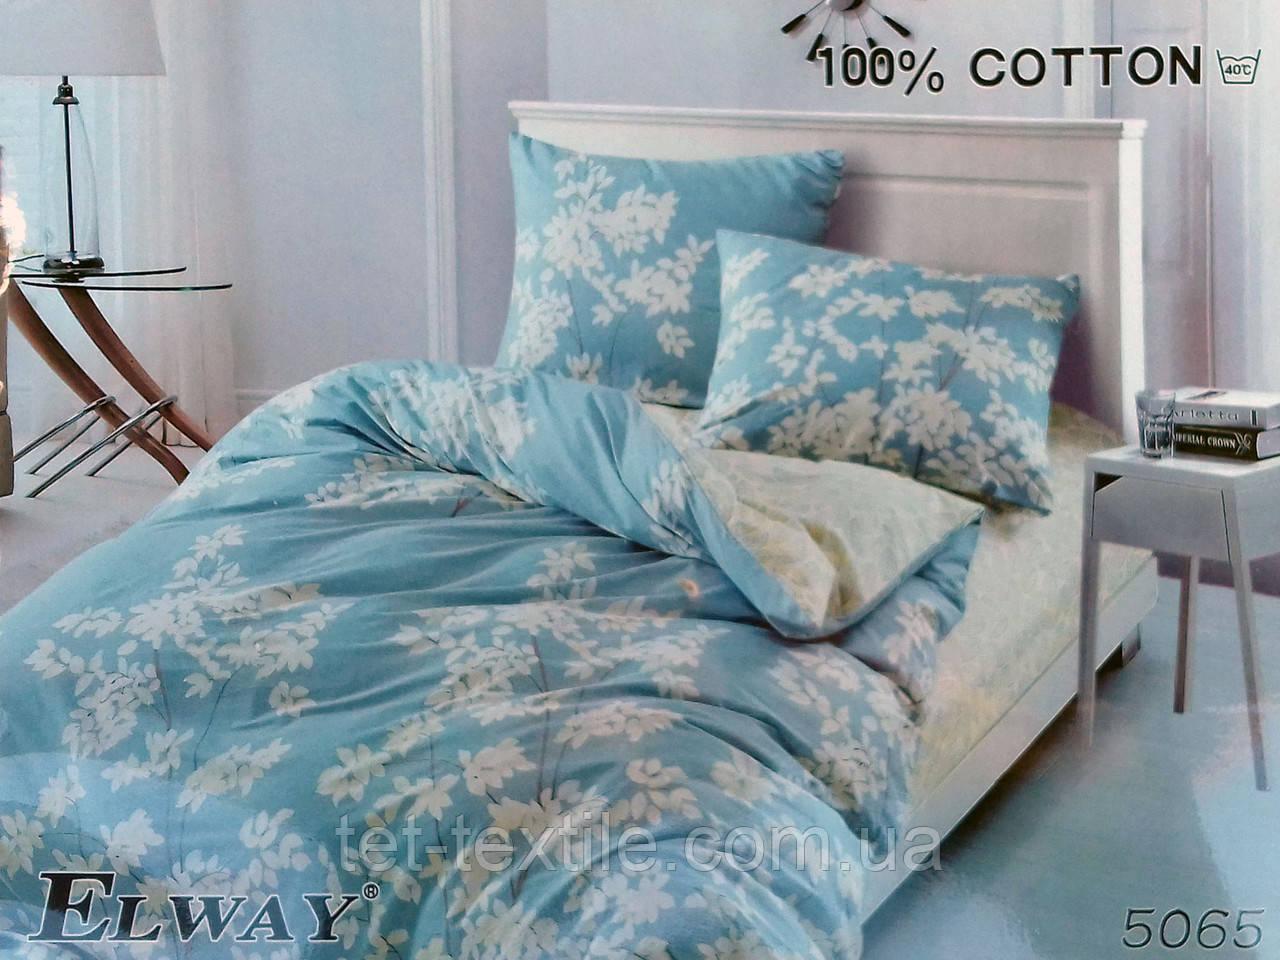 """Комплект постельного белья Elway """"Евро"""" 5065"""